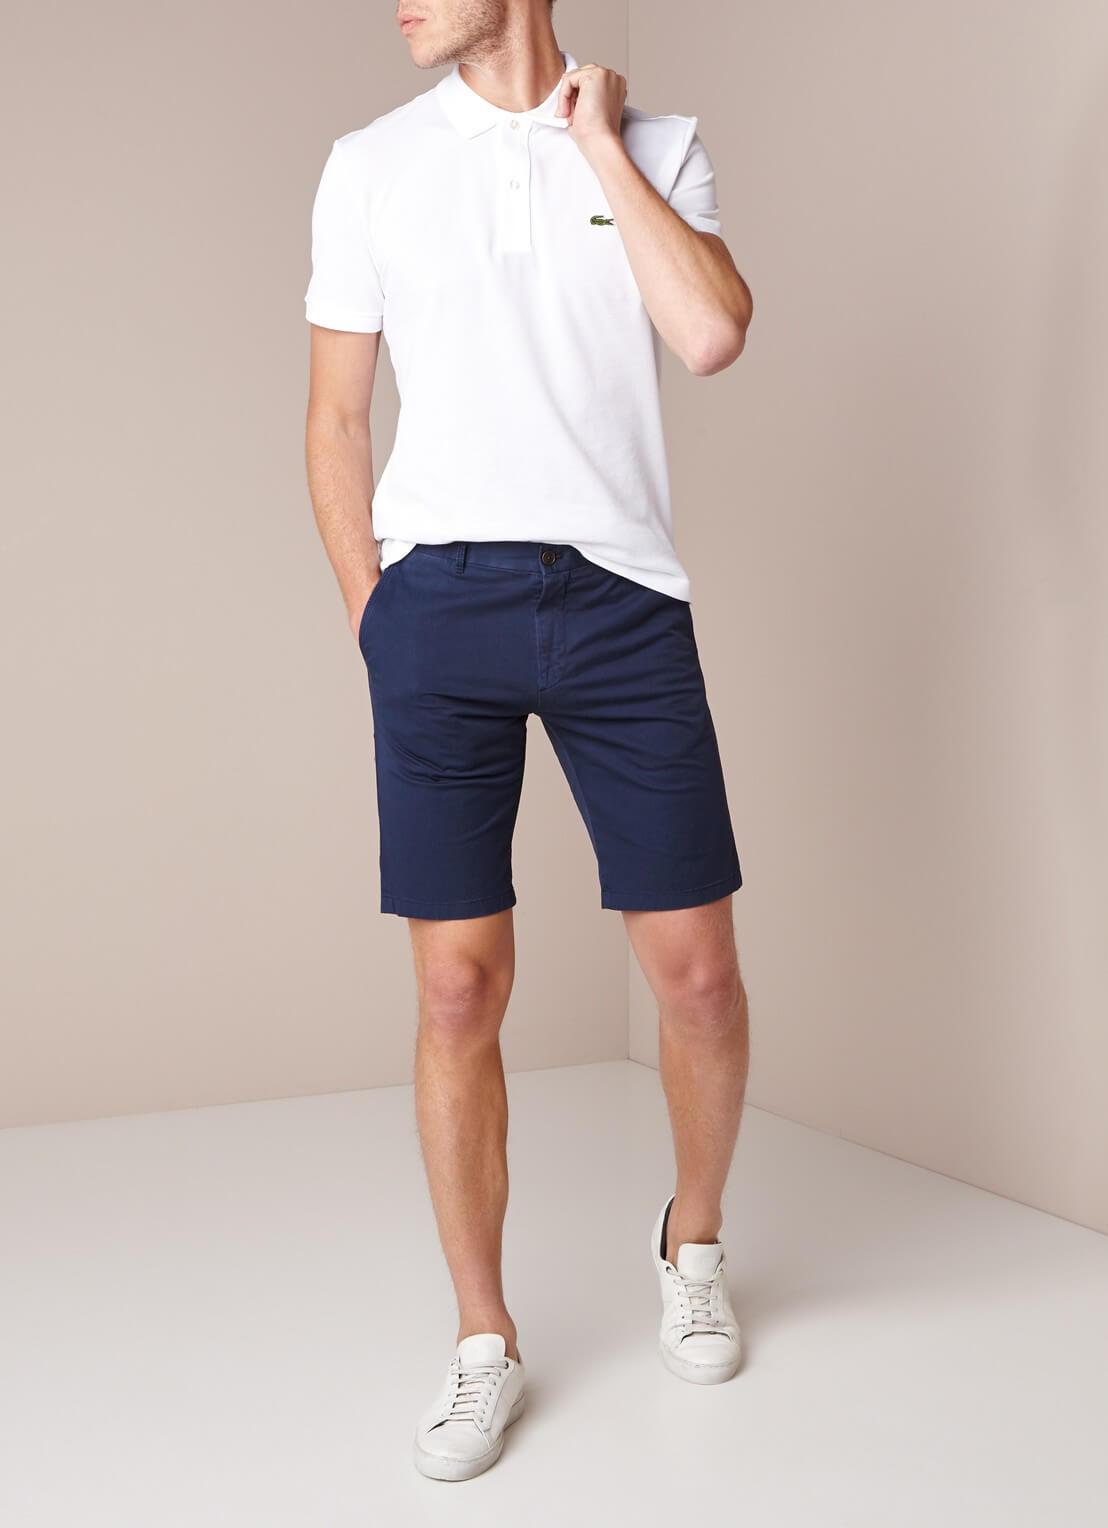 Mixed wear 6 - Mr.Draper